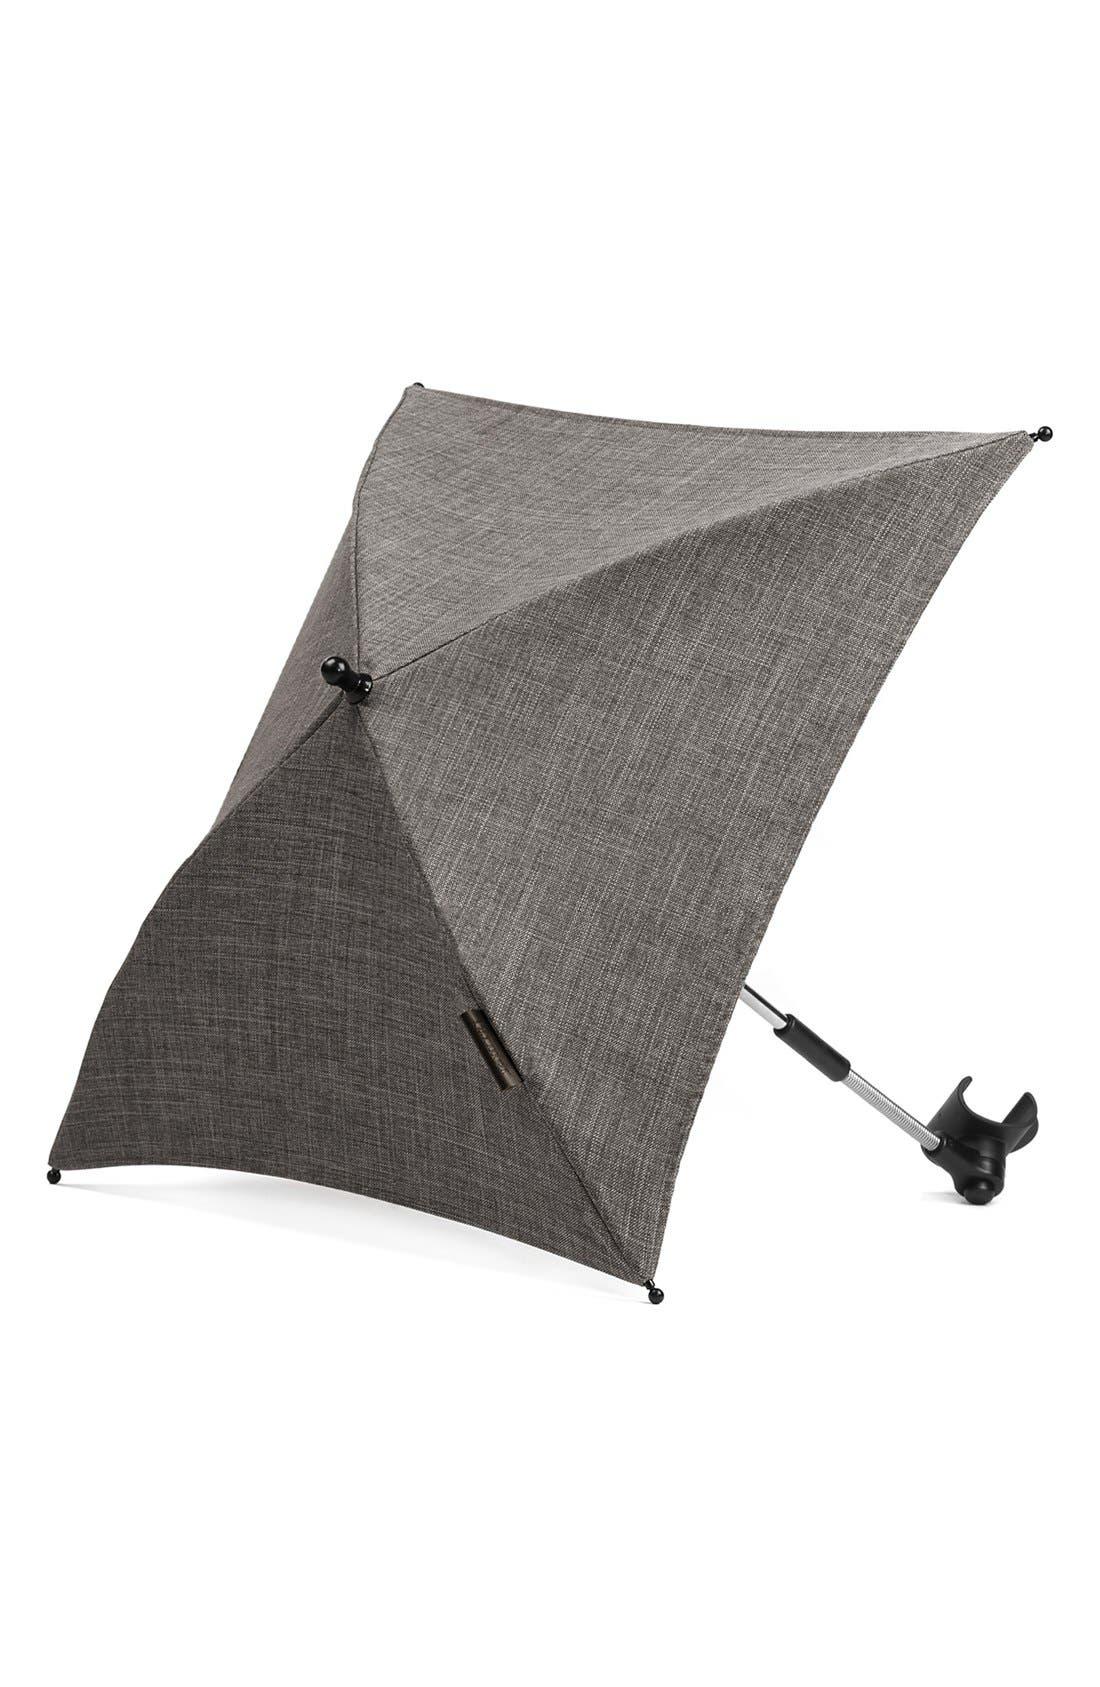 'Igo - Farmer Earth' Stroller Umbrella,                             Main thumbnail 1, color,                             200